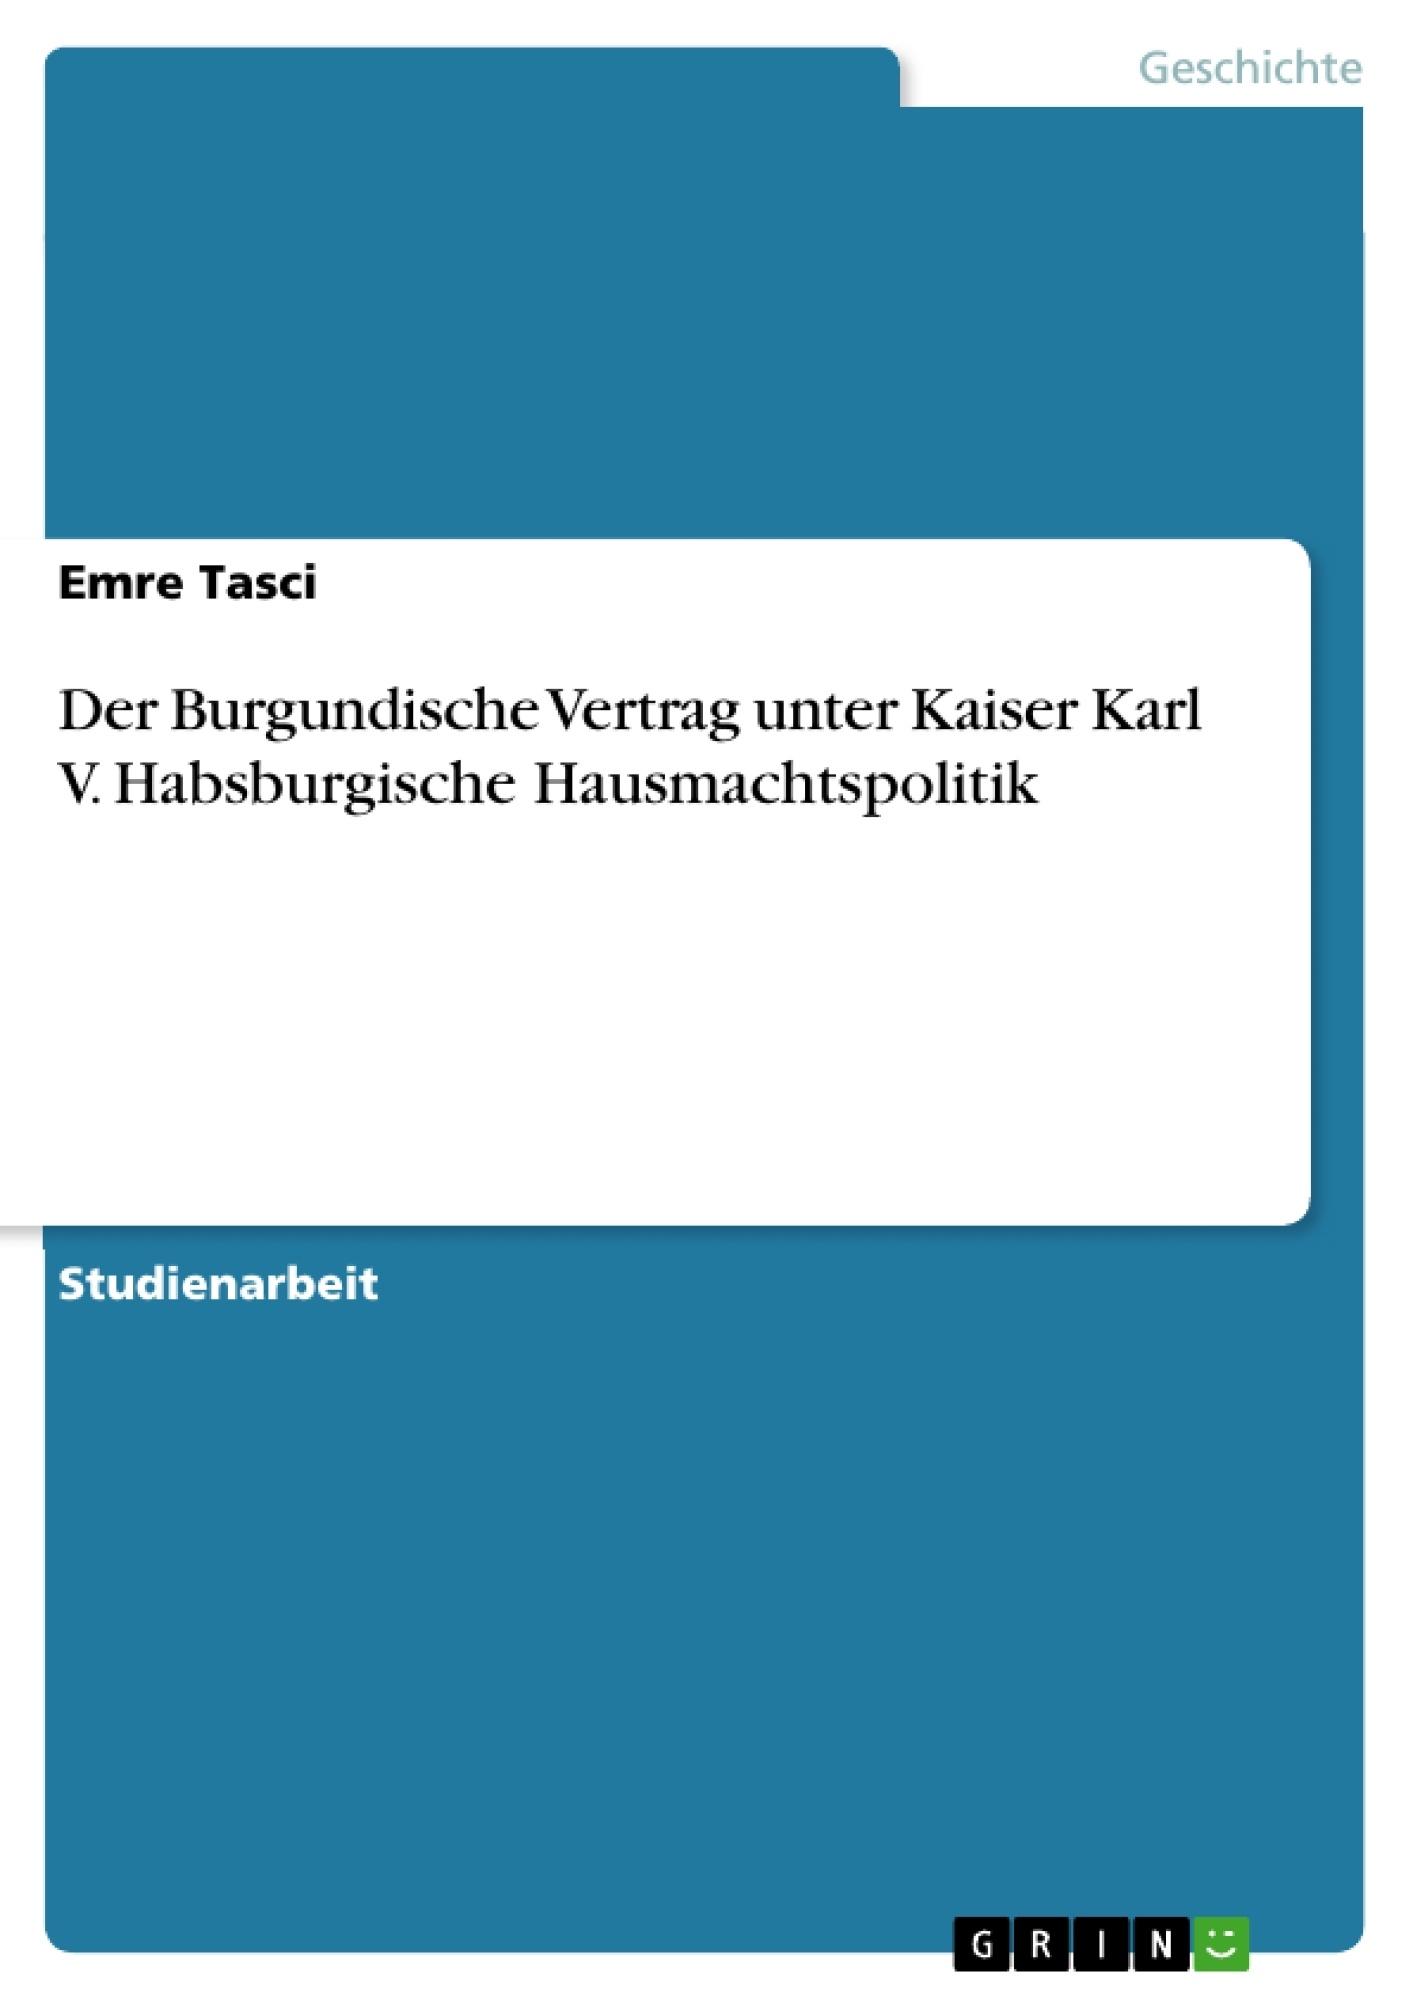 Titel: Der Burgundische Vertrag unter Kaiser Karl V. Habsburgische Hausmachtspolitik